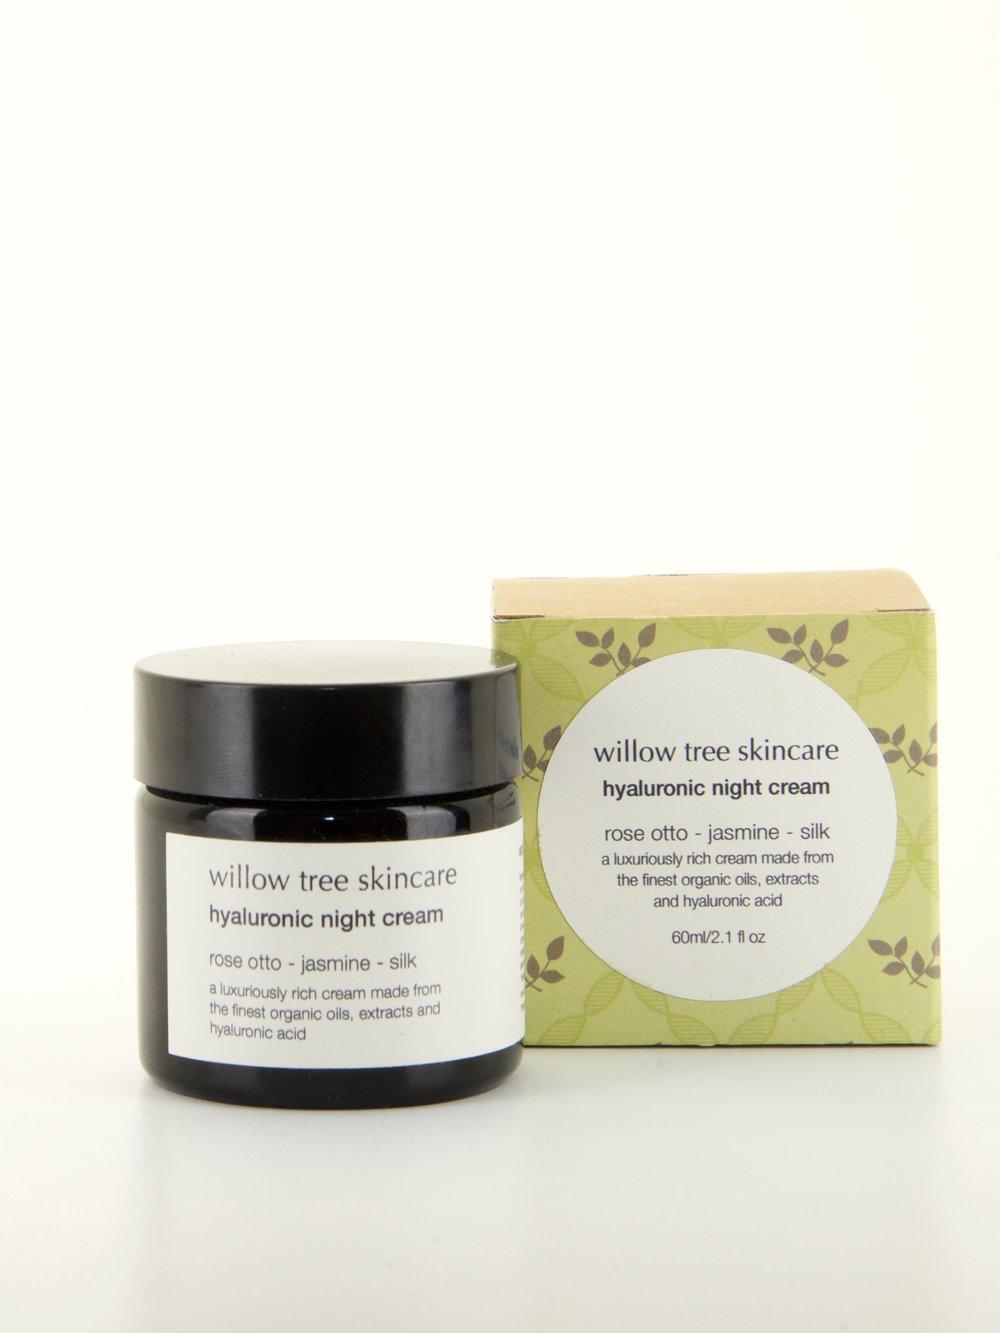 Willow Tree Skincare Hyaluronic Night Cream £17